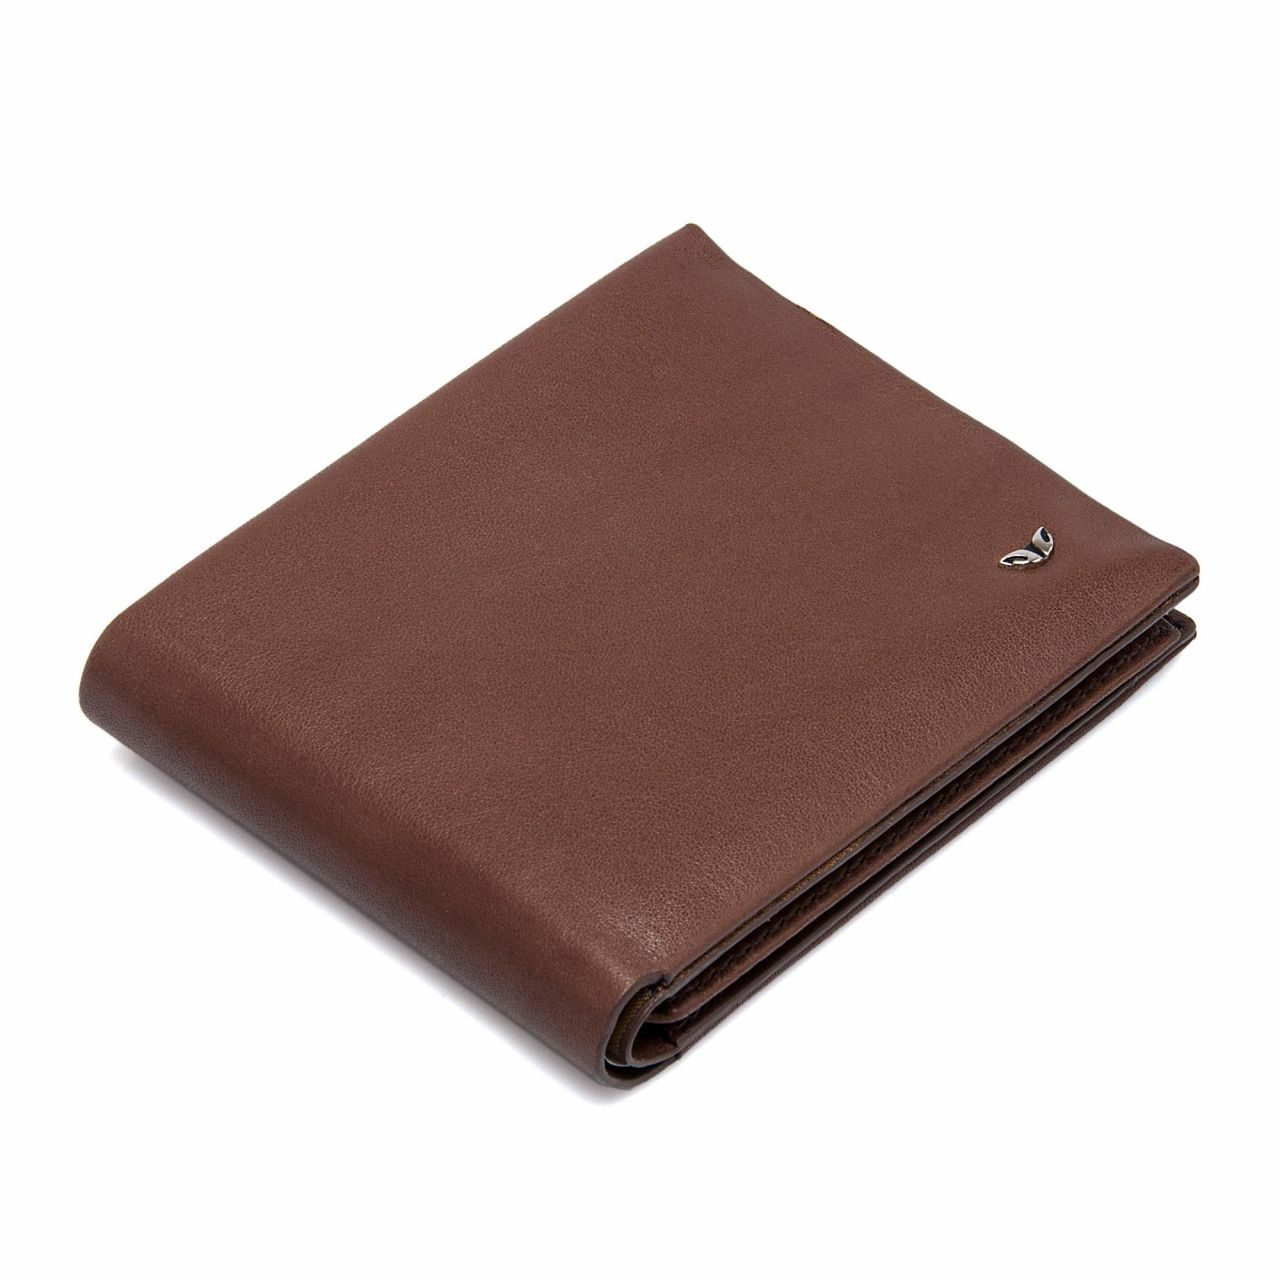 Универсален мъжки портфейл от естествена кожа